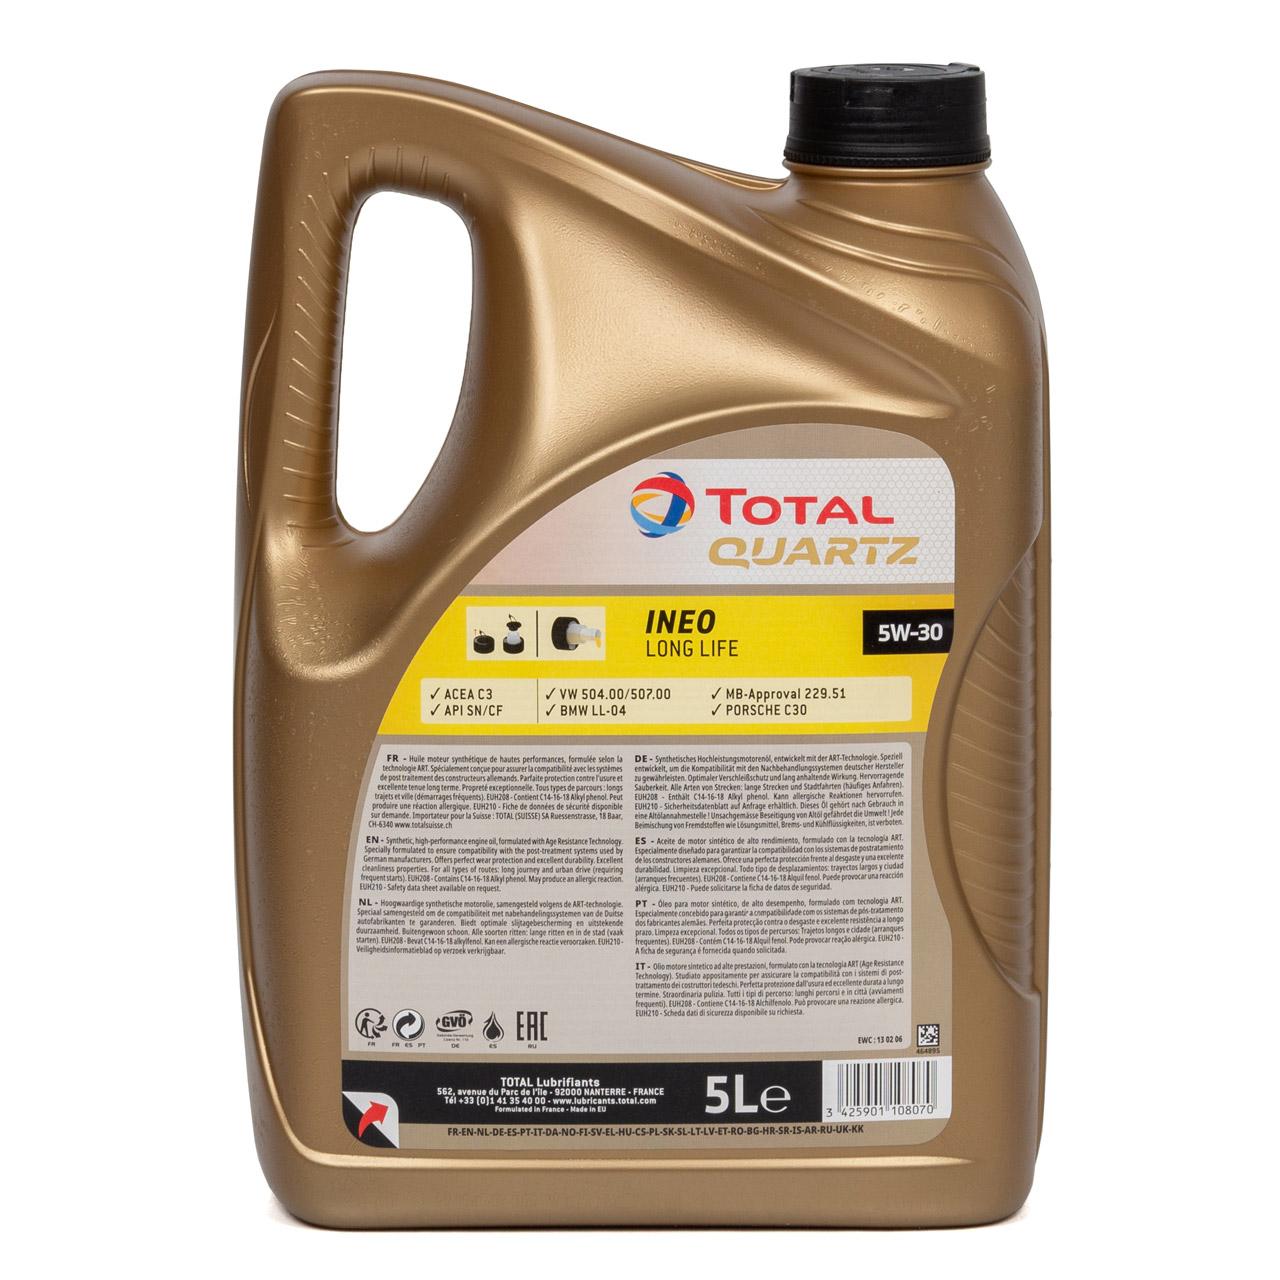 TOTAL QUARTZ INEO LONGLIFE 5W30 Motoröl Öl VW 504/507.00 MB 229.51 - 5L 5 Liter